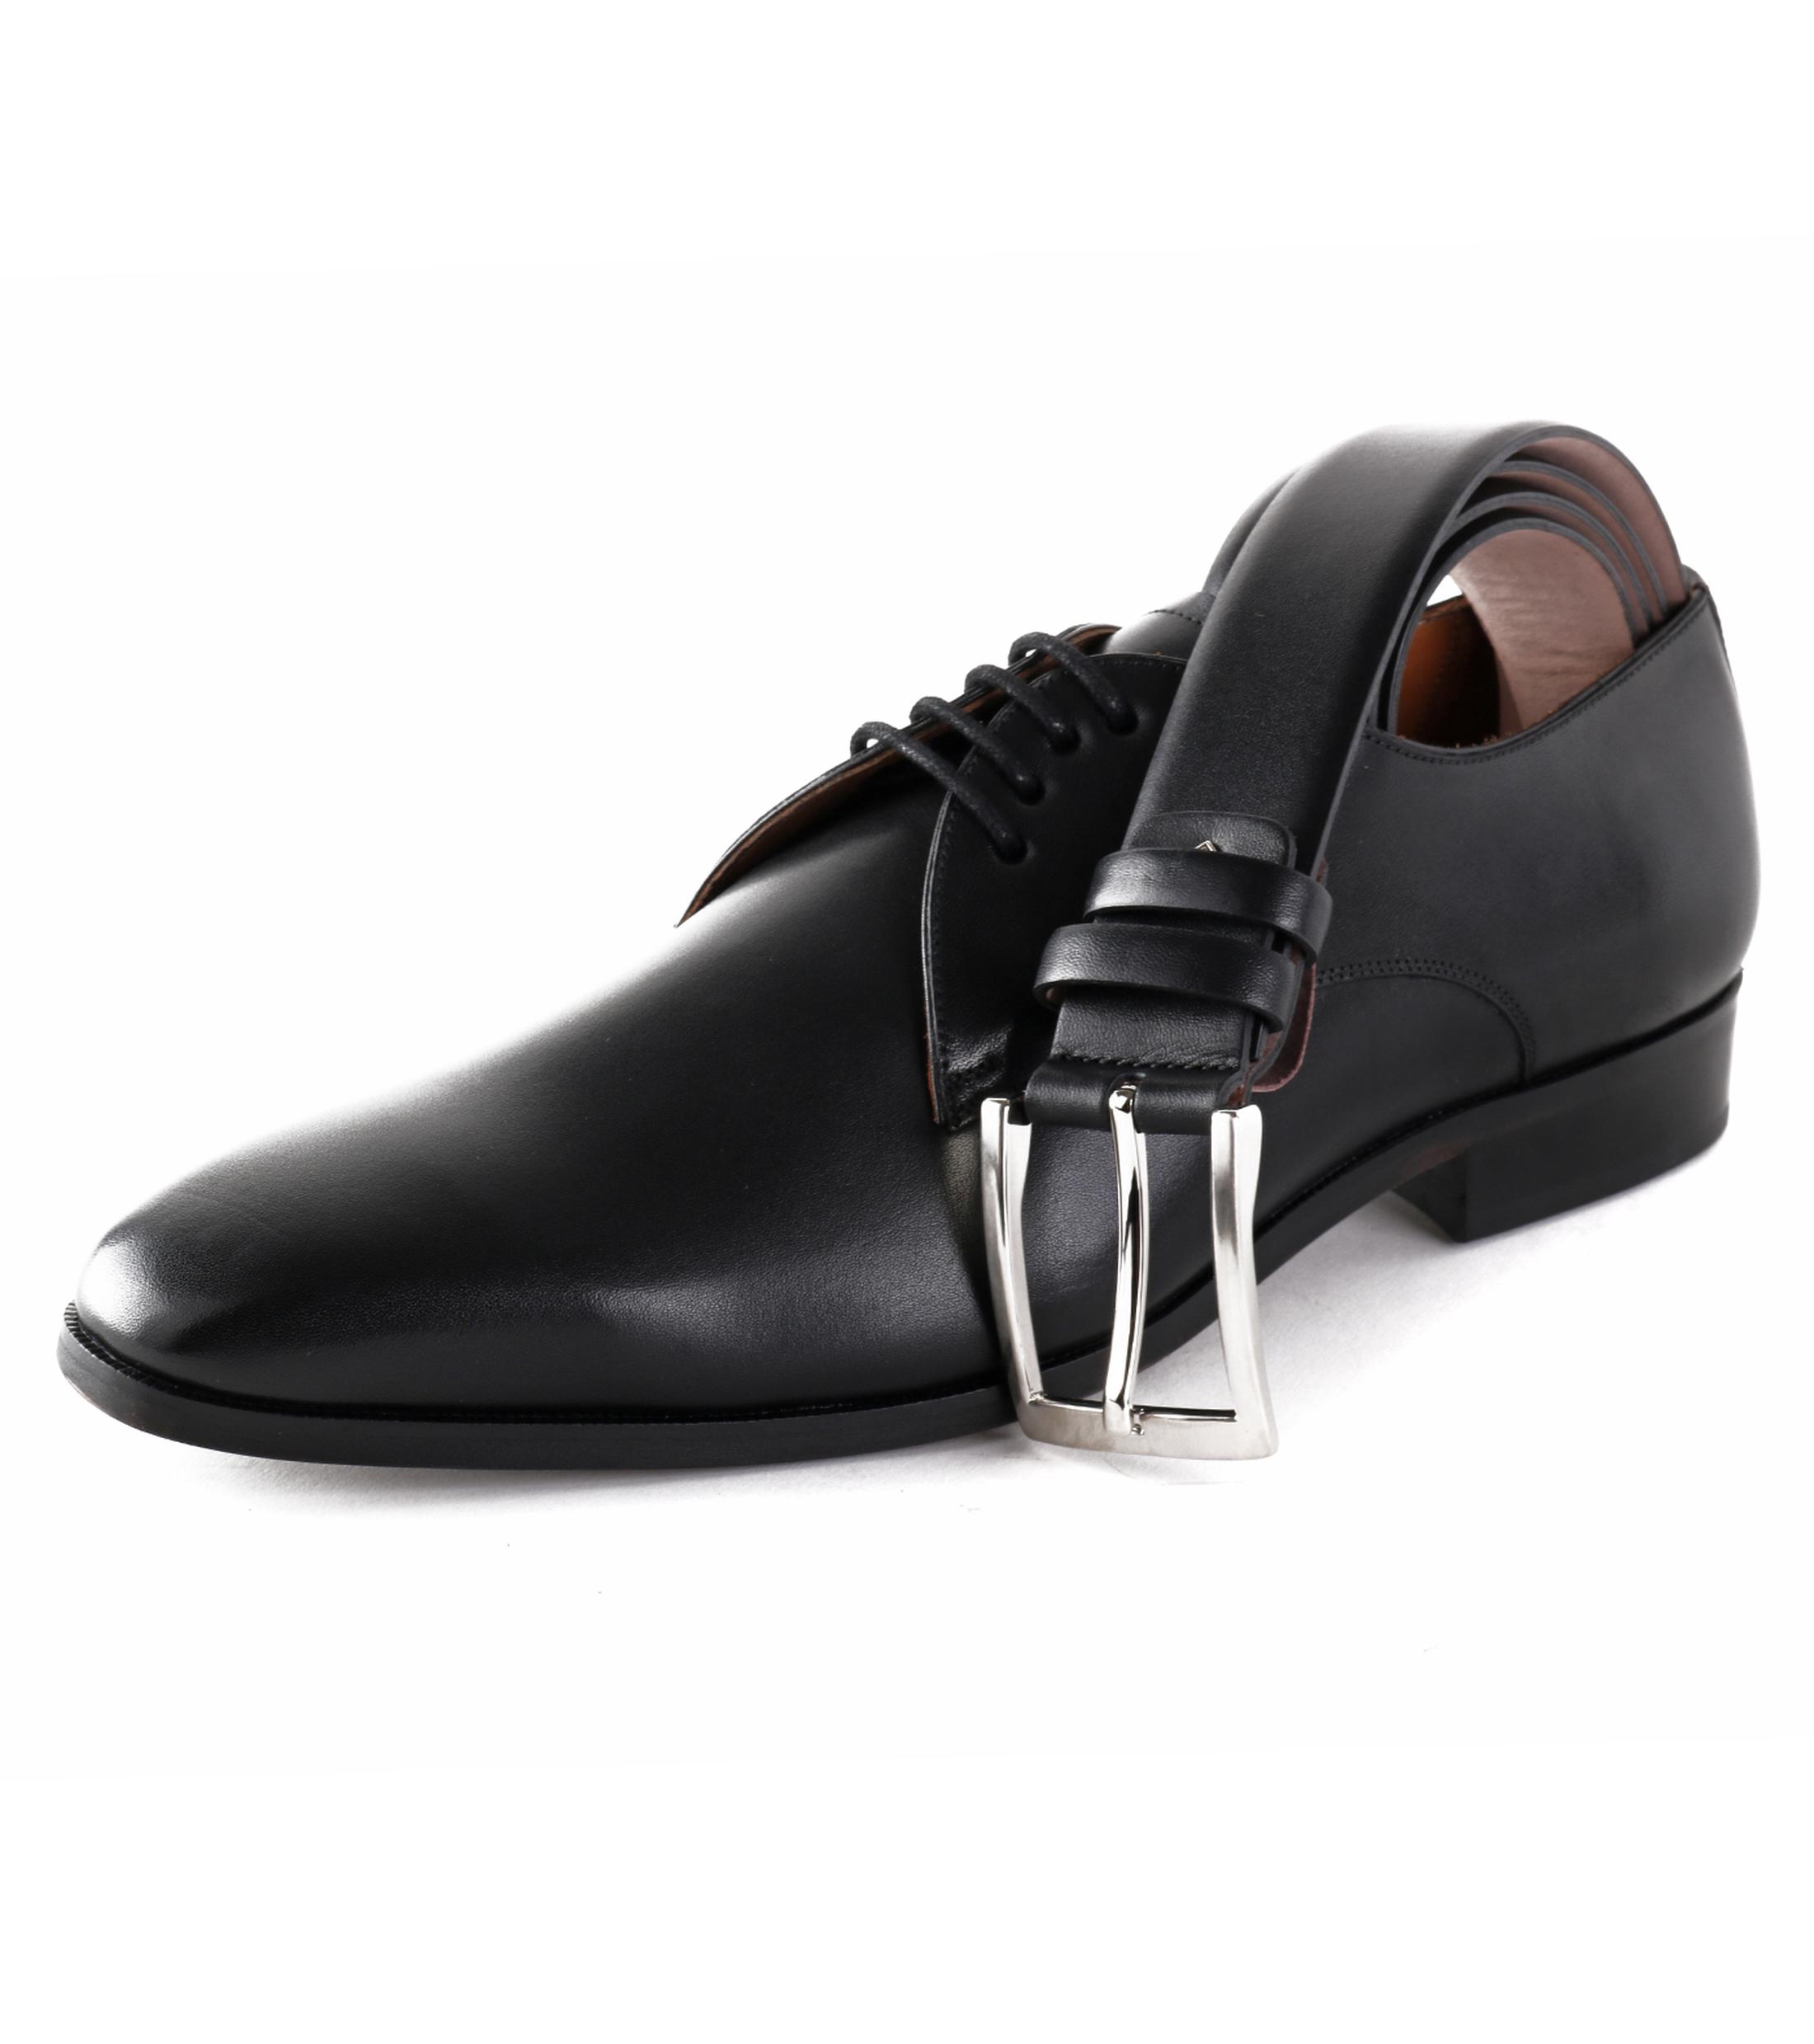 Chaussures Hommes Convenables En Cuir De Luxe Stbl Noir HDs6XrPSj1